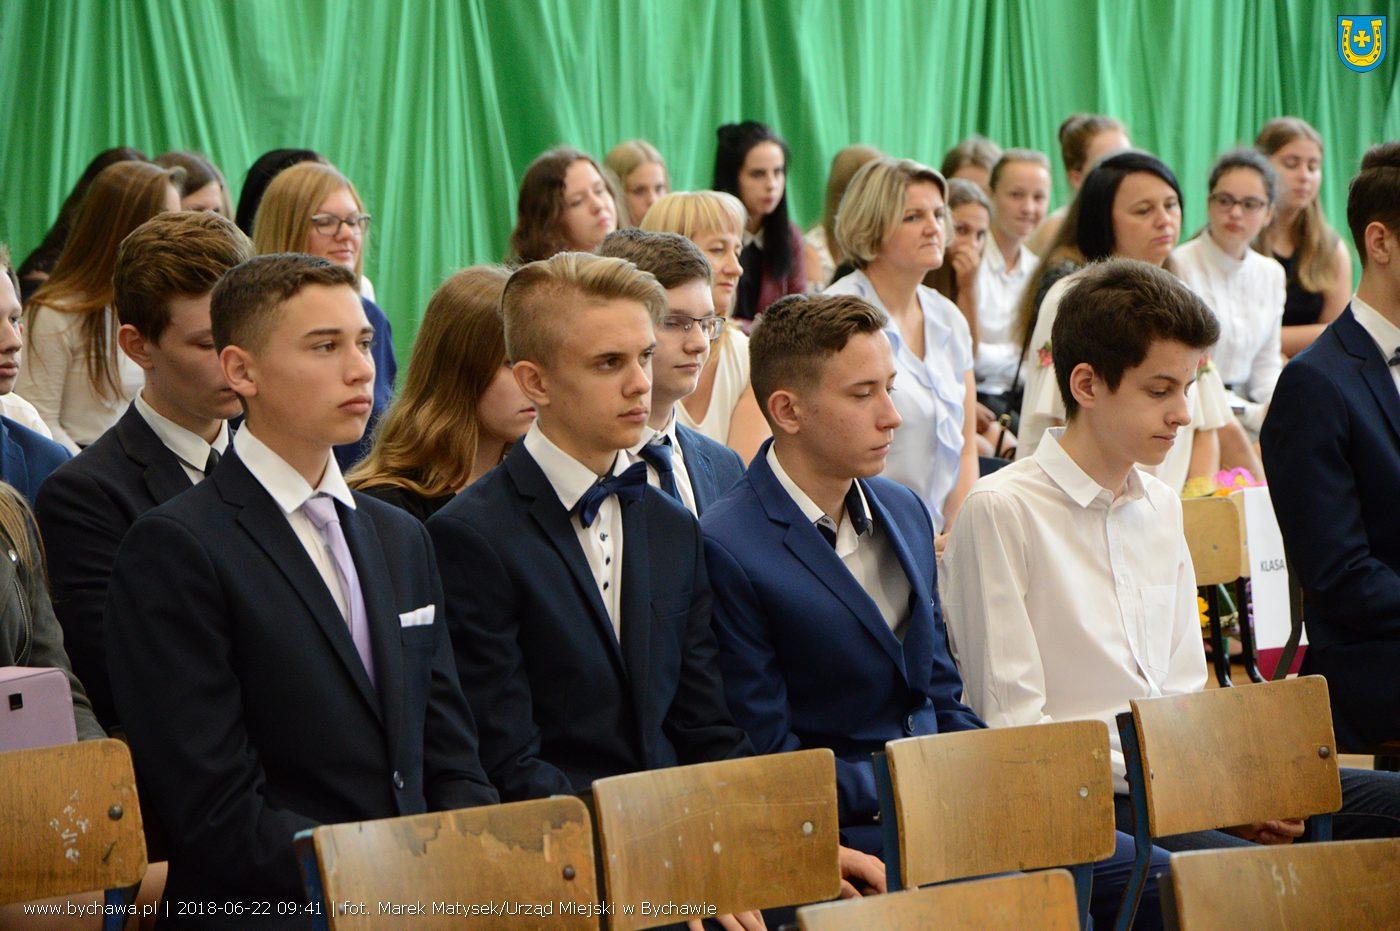 Zakończenie roku szkolnego 2017/2018 w Szkole Podstawowej w Bychawie